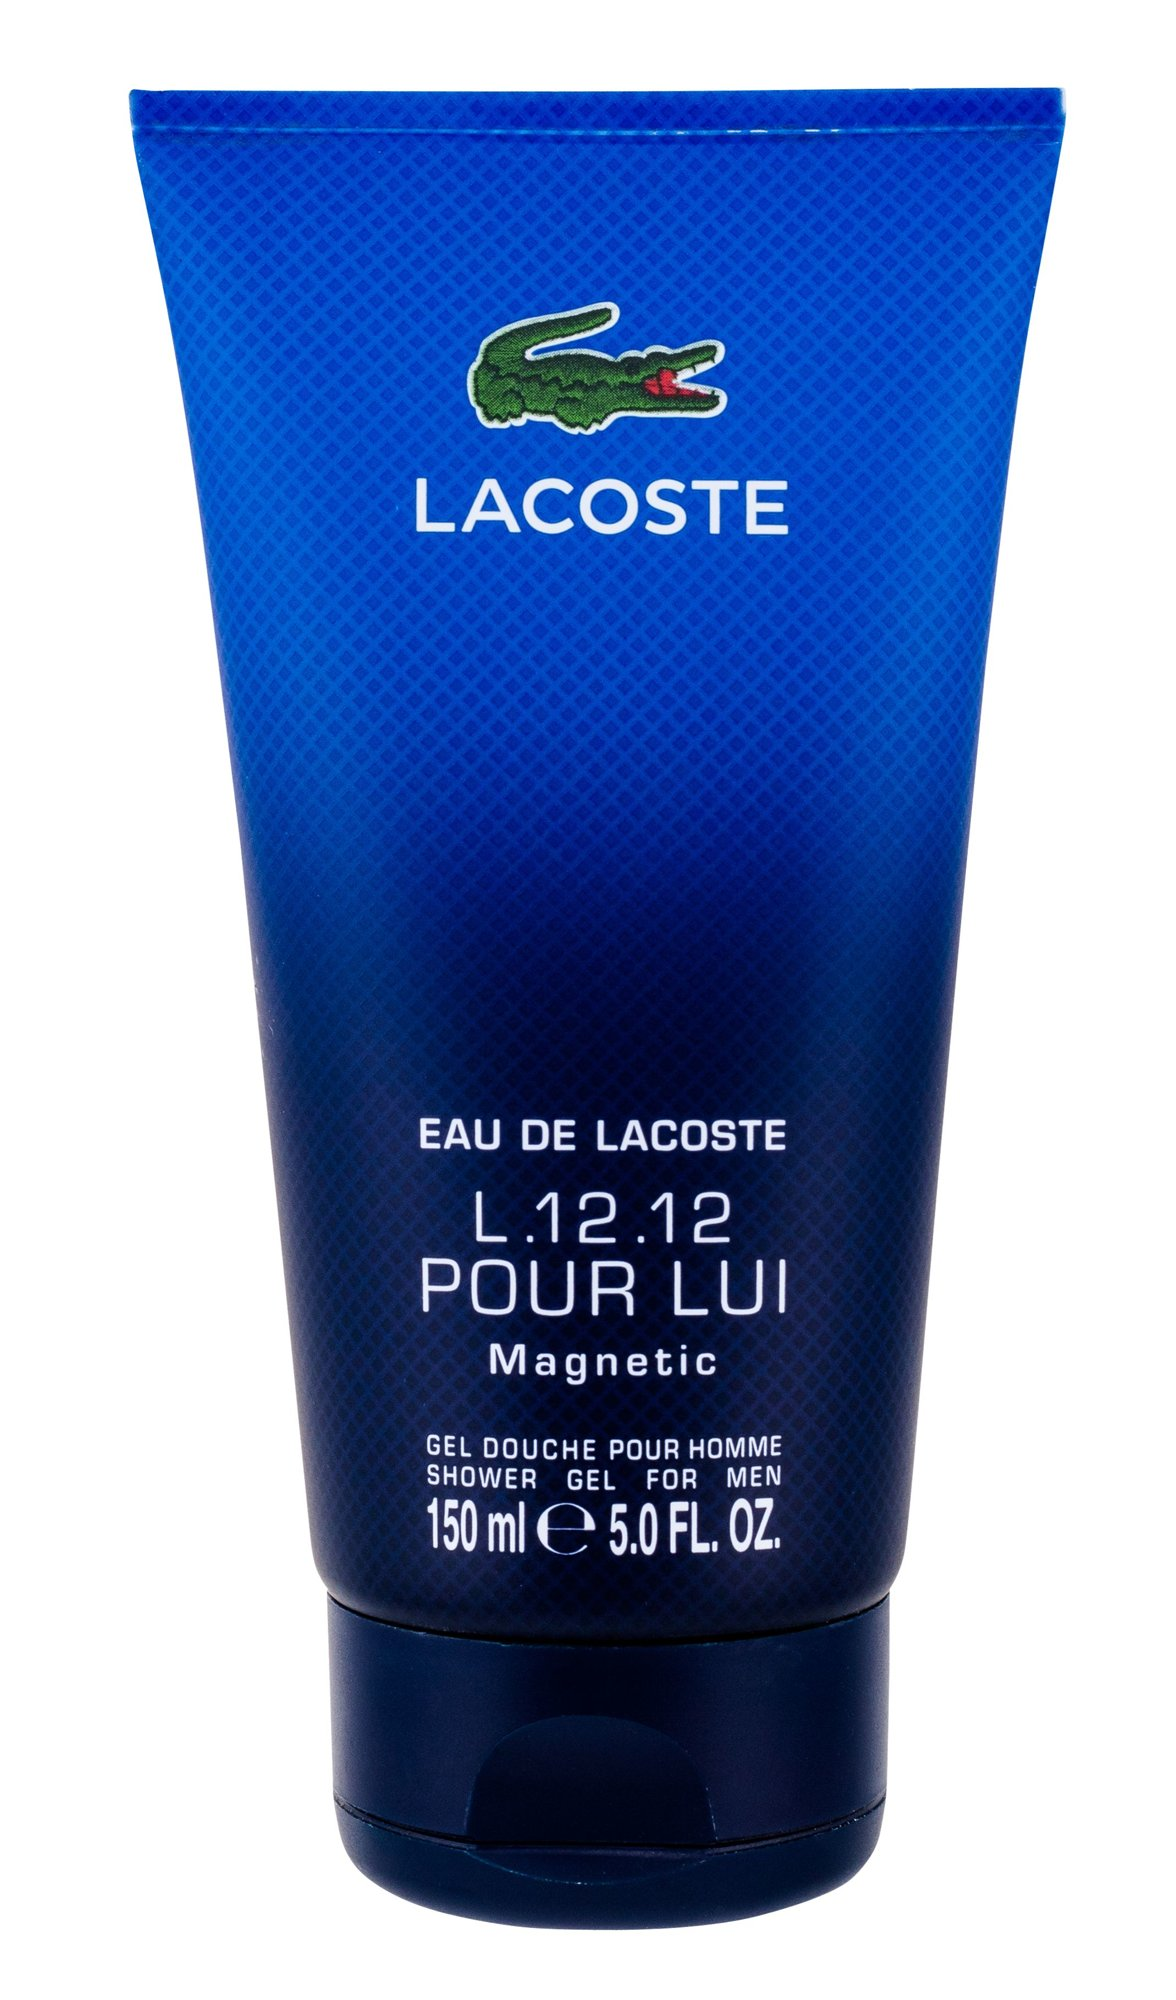 Lacoste Eau De Lacoste L.12.12 Magnetic, Sprchovací gél 150ml